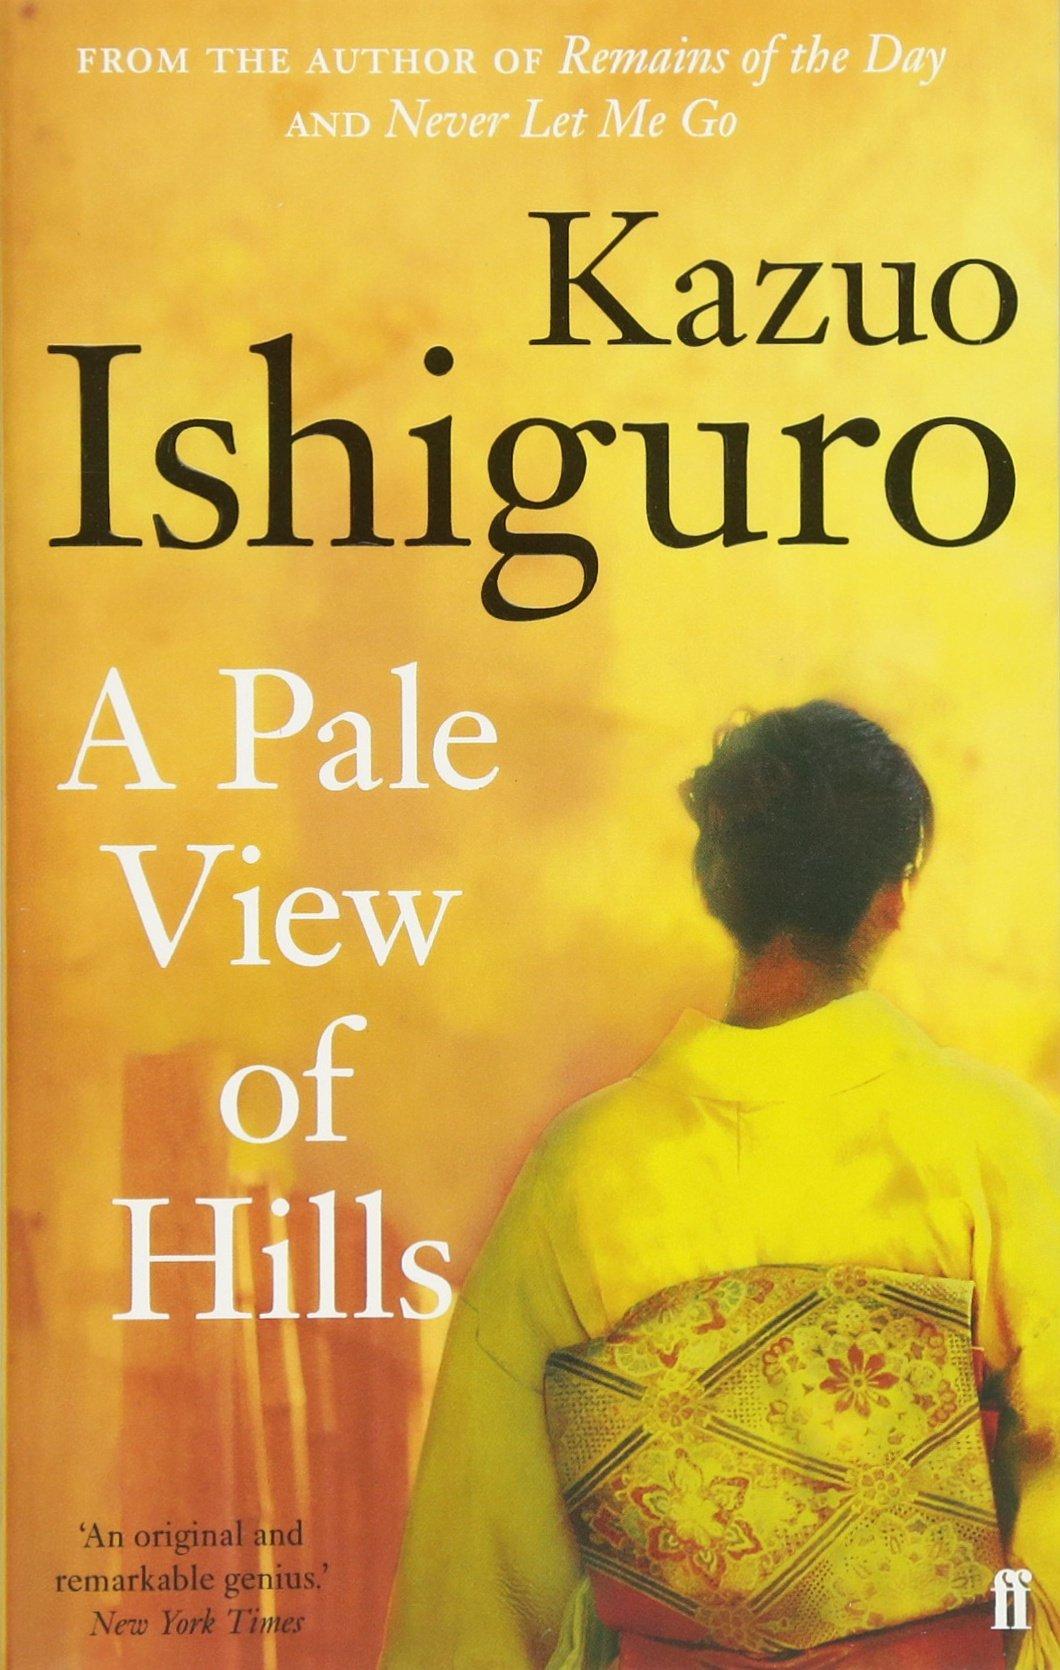 A Pale View Of Hills: Amazon: Kazuo Ishiguro: 9780571258253: Books